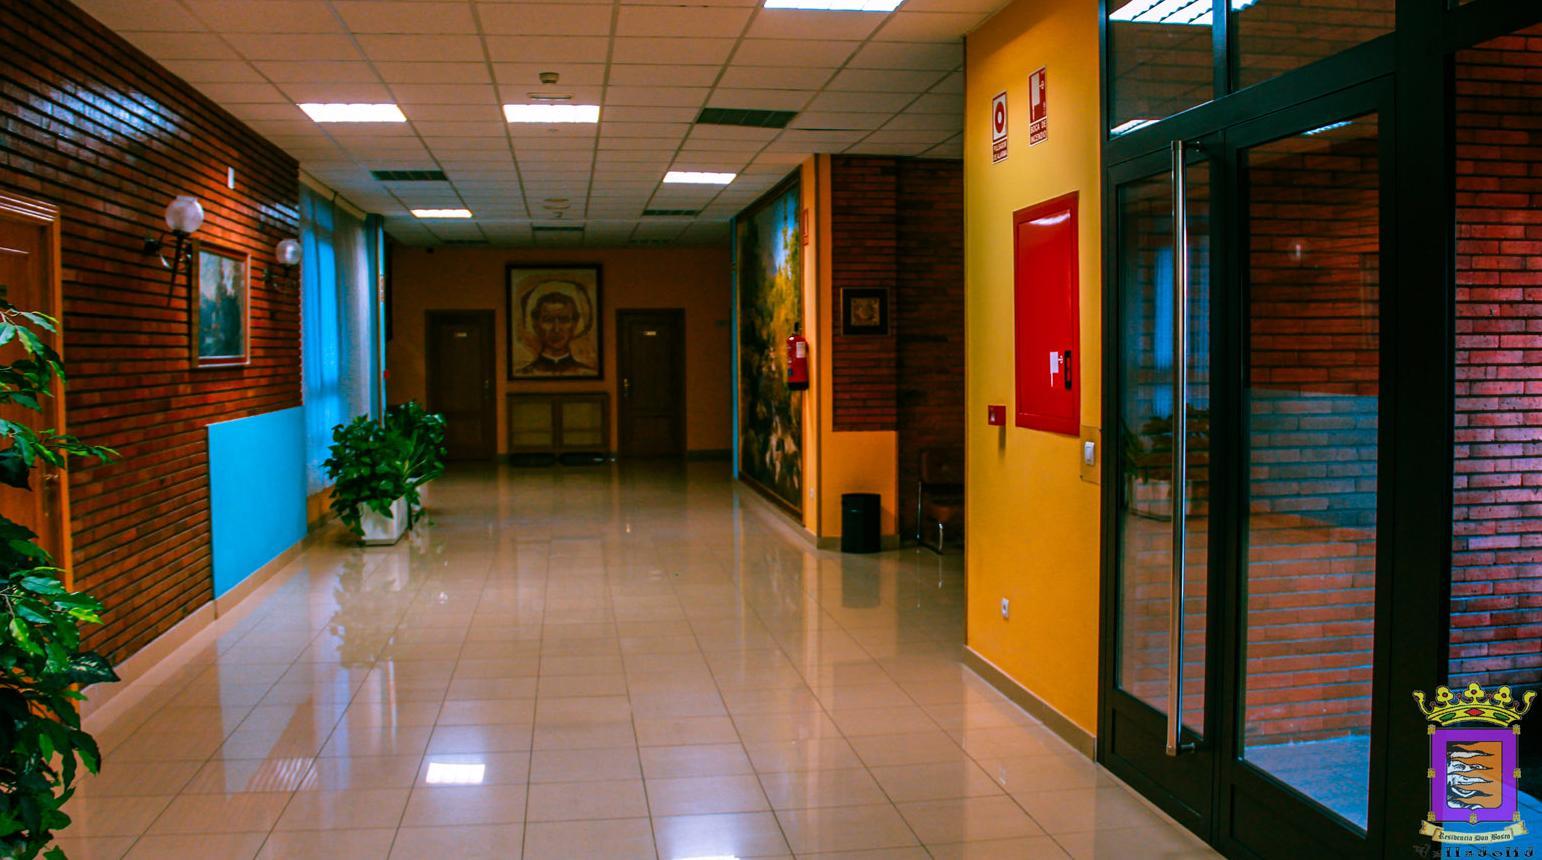 Foto 5 de Residencias de estudiantes en Valladolid | Residencia Universitaria Don Bosco